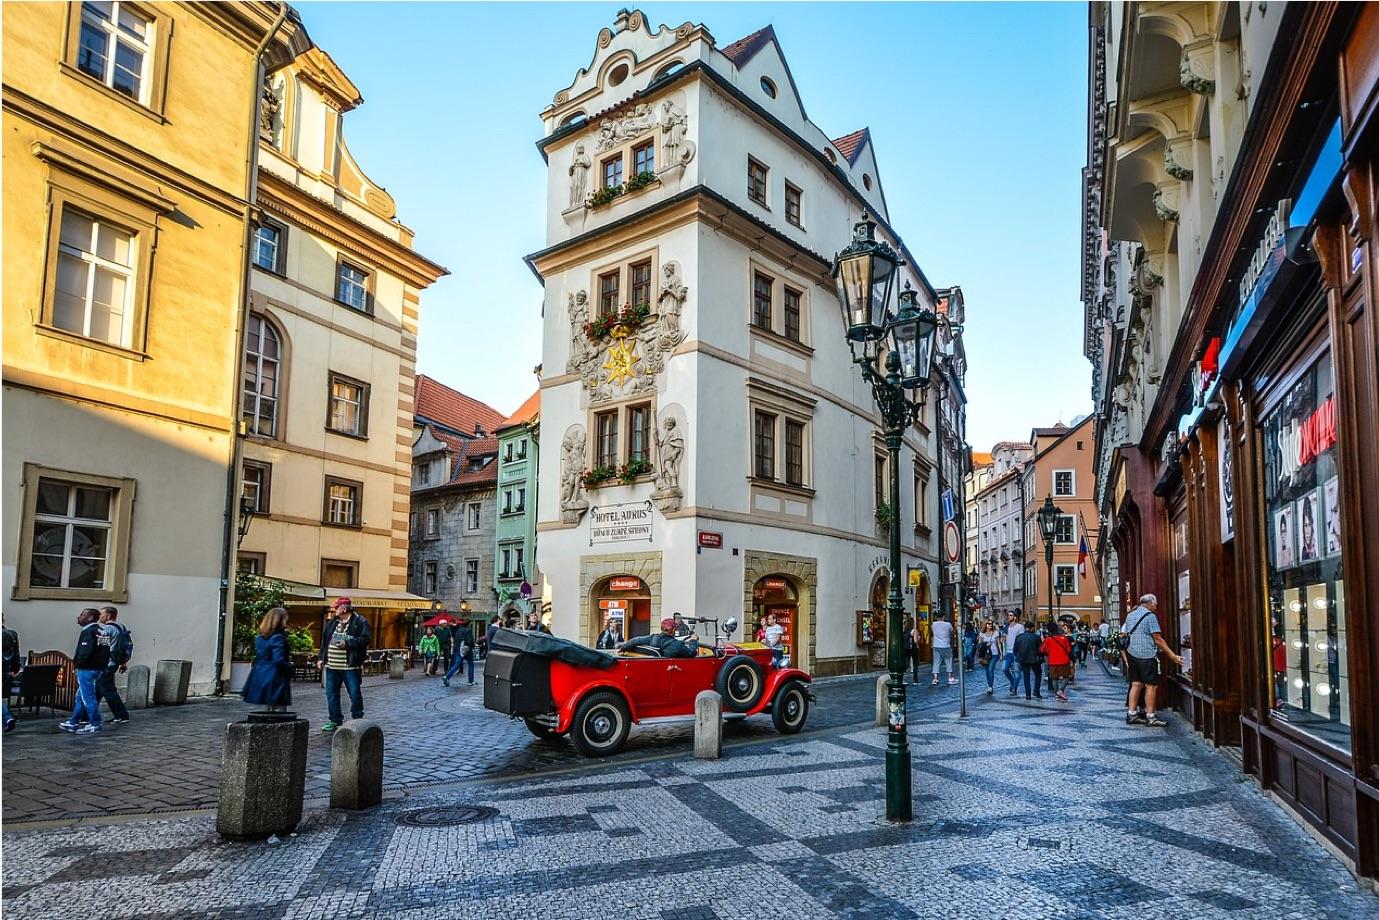 2022年 3/22 中世紀東歐四國9日 3/26 布拉格 PRAGUE